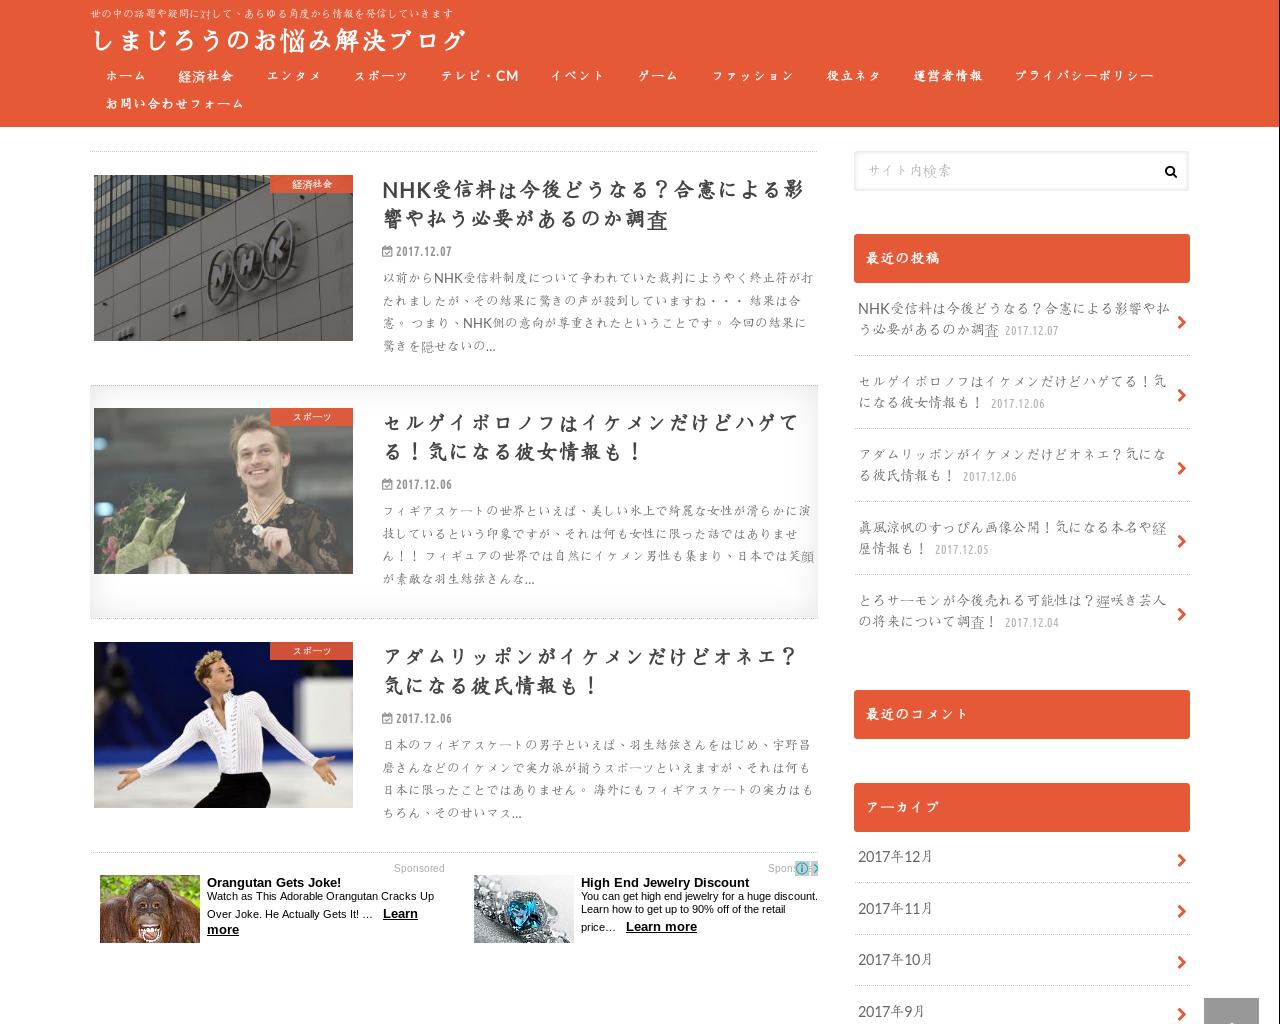 shimajirou.com(2017/12/04 20:46:00)